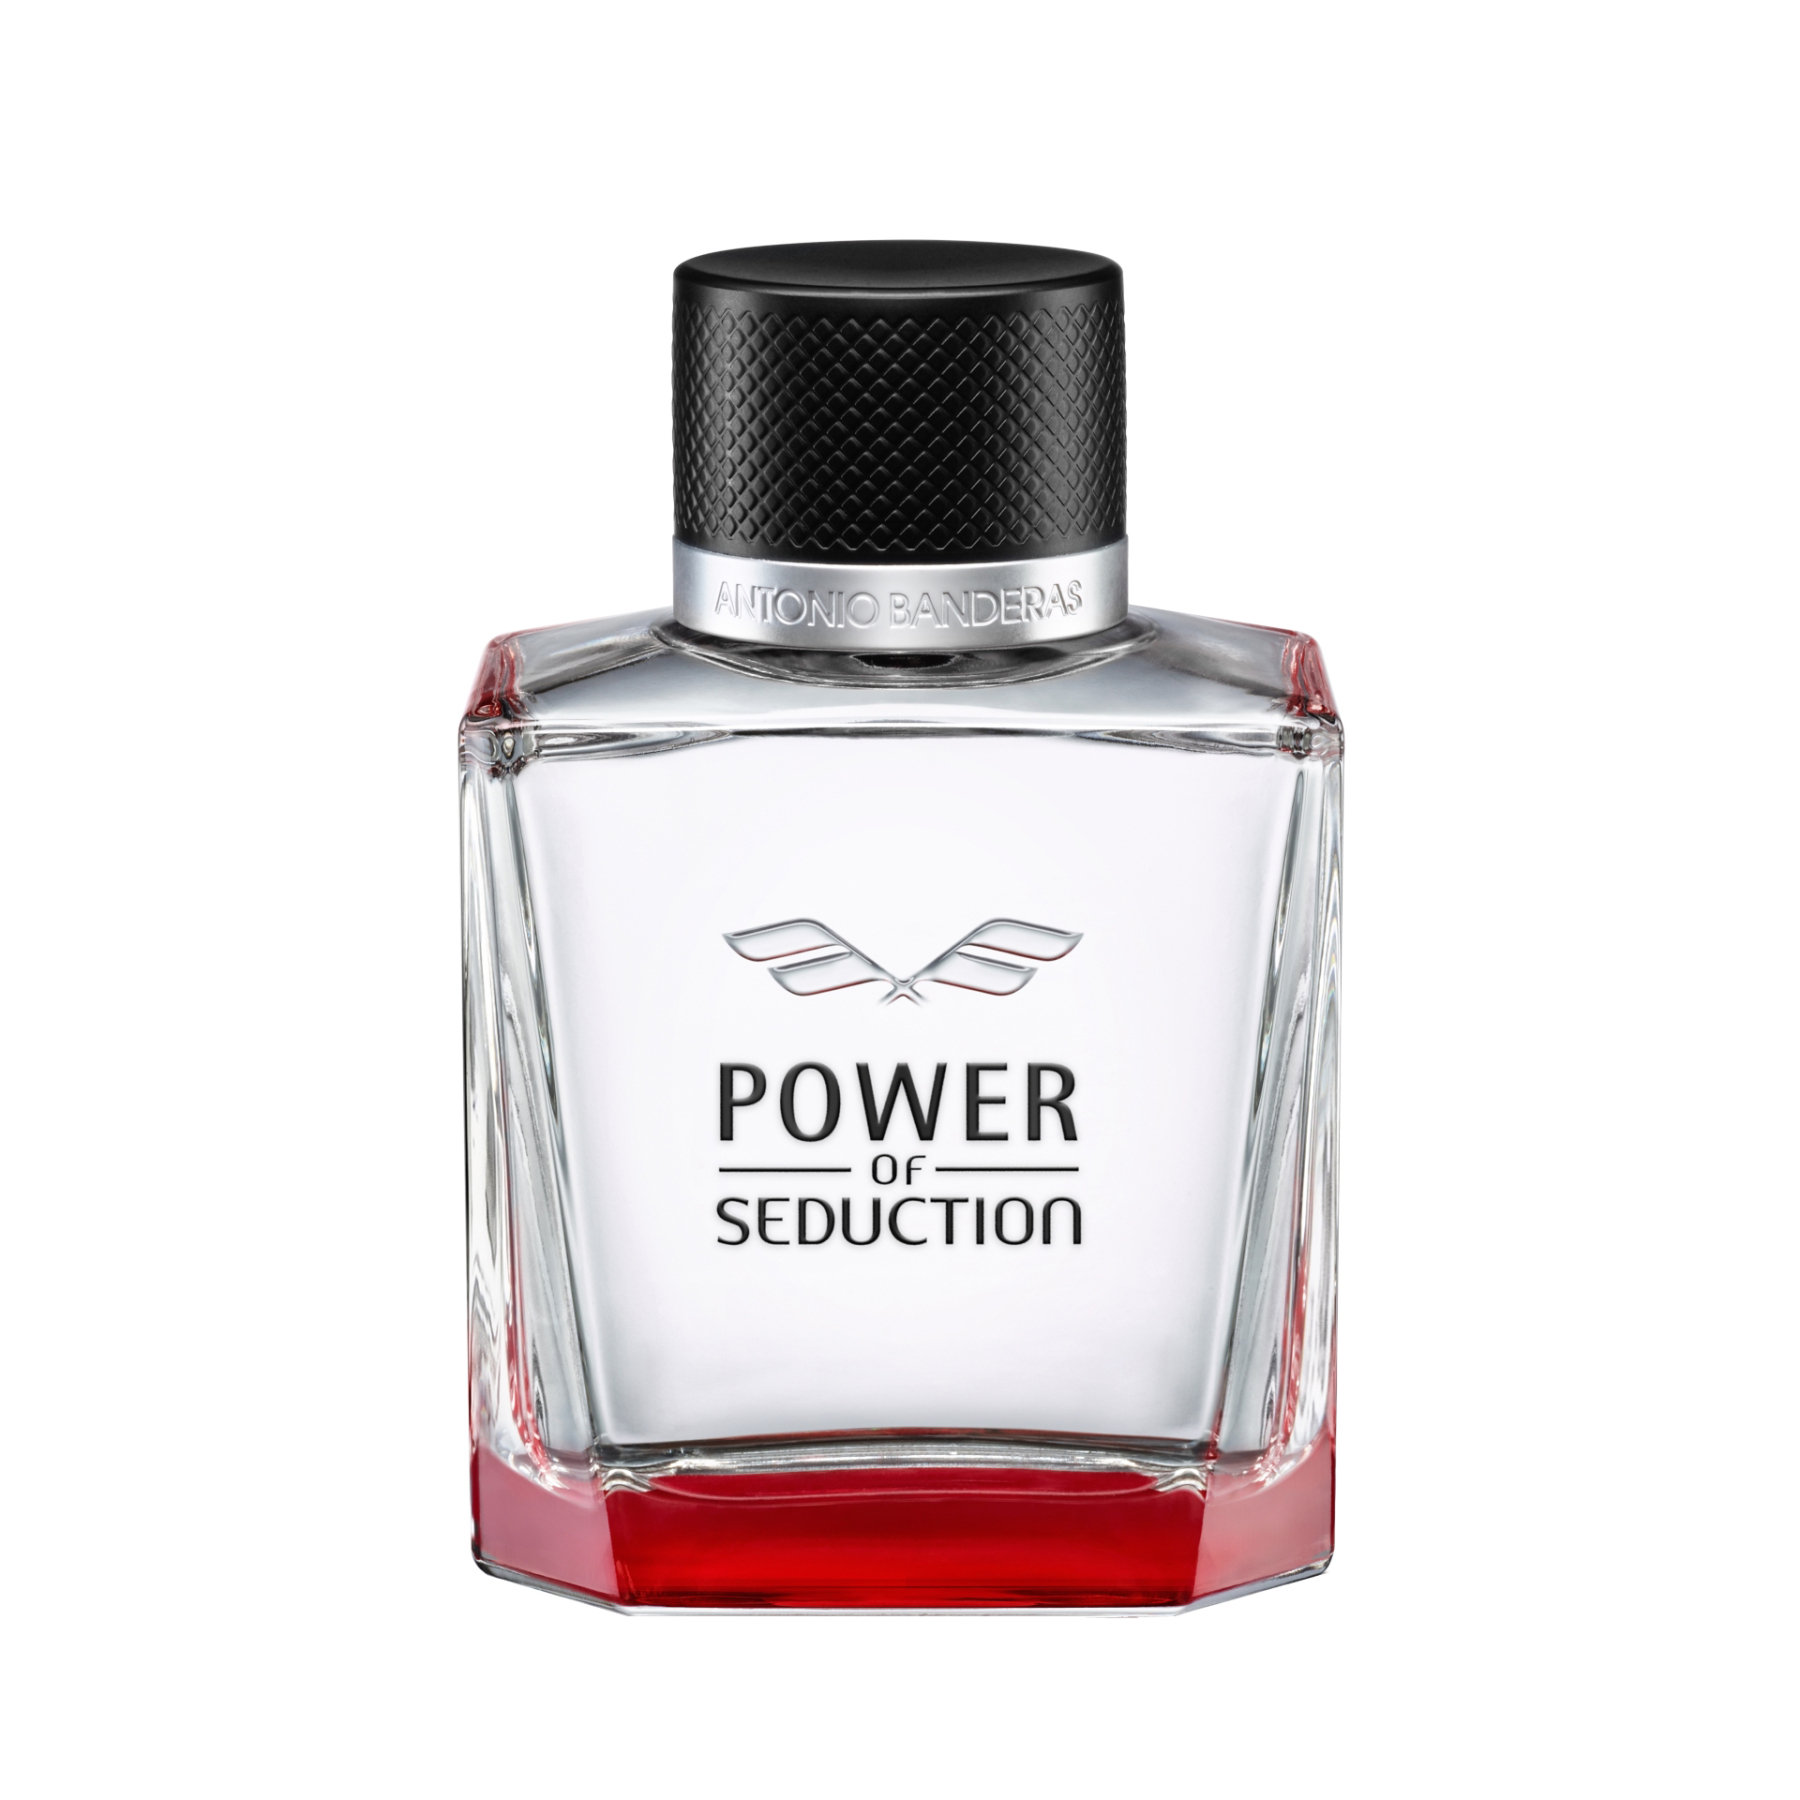 Perfume Antonio Banderas Power Of Seduction Eau De Toilette Perfume 100 Ml